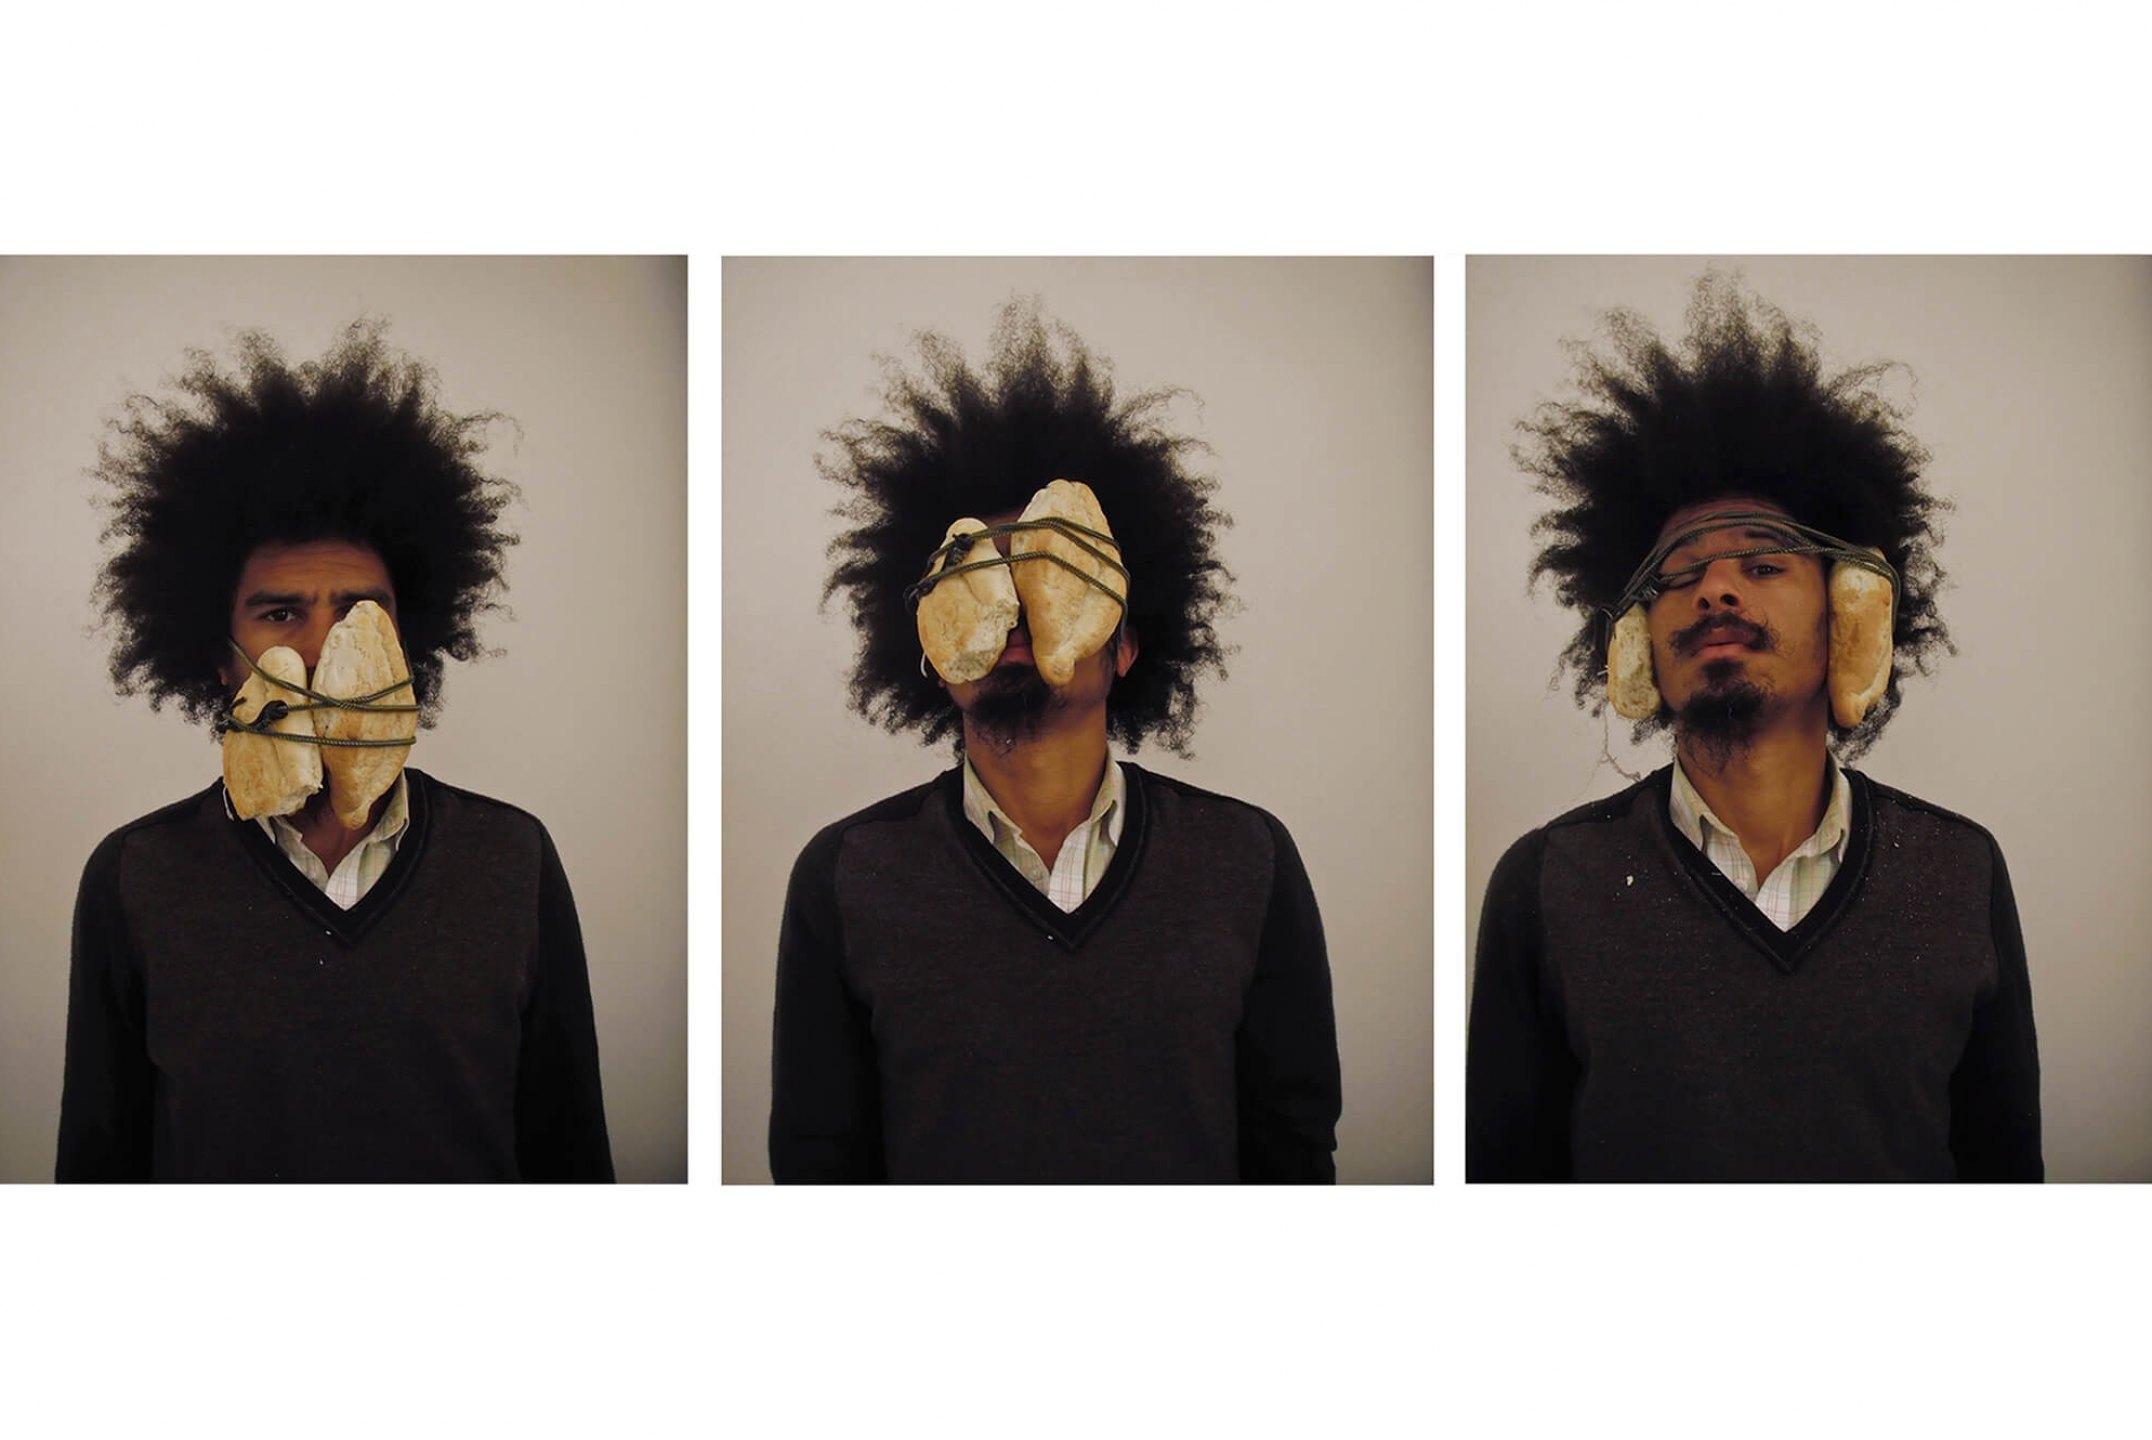 Paulo Nazareth, <em>Pão e Circo</em>, 2012, photo printing on cotton paper, 93 × 70 cm - Mendes Wood DM